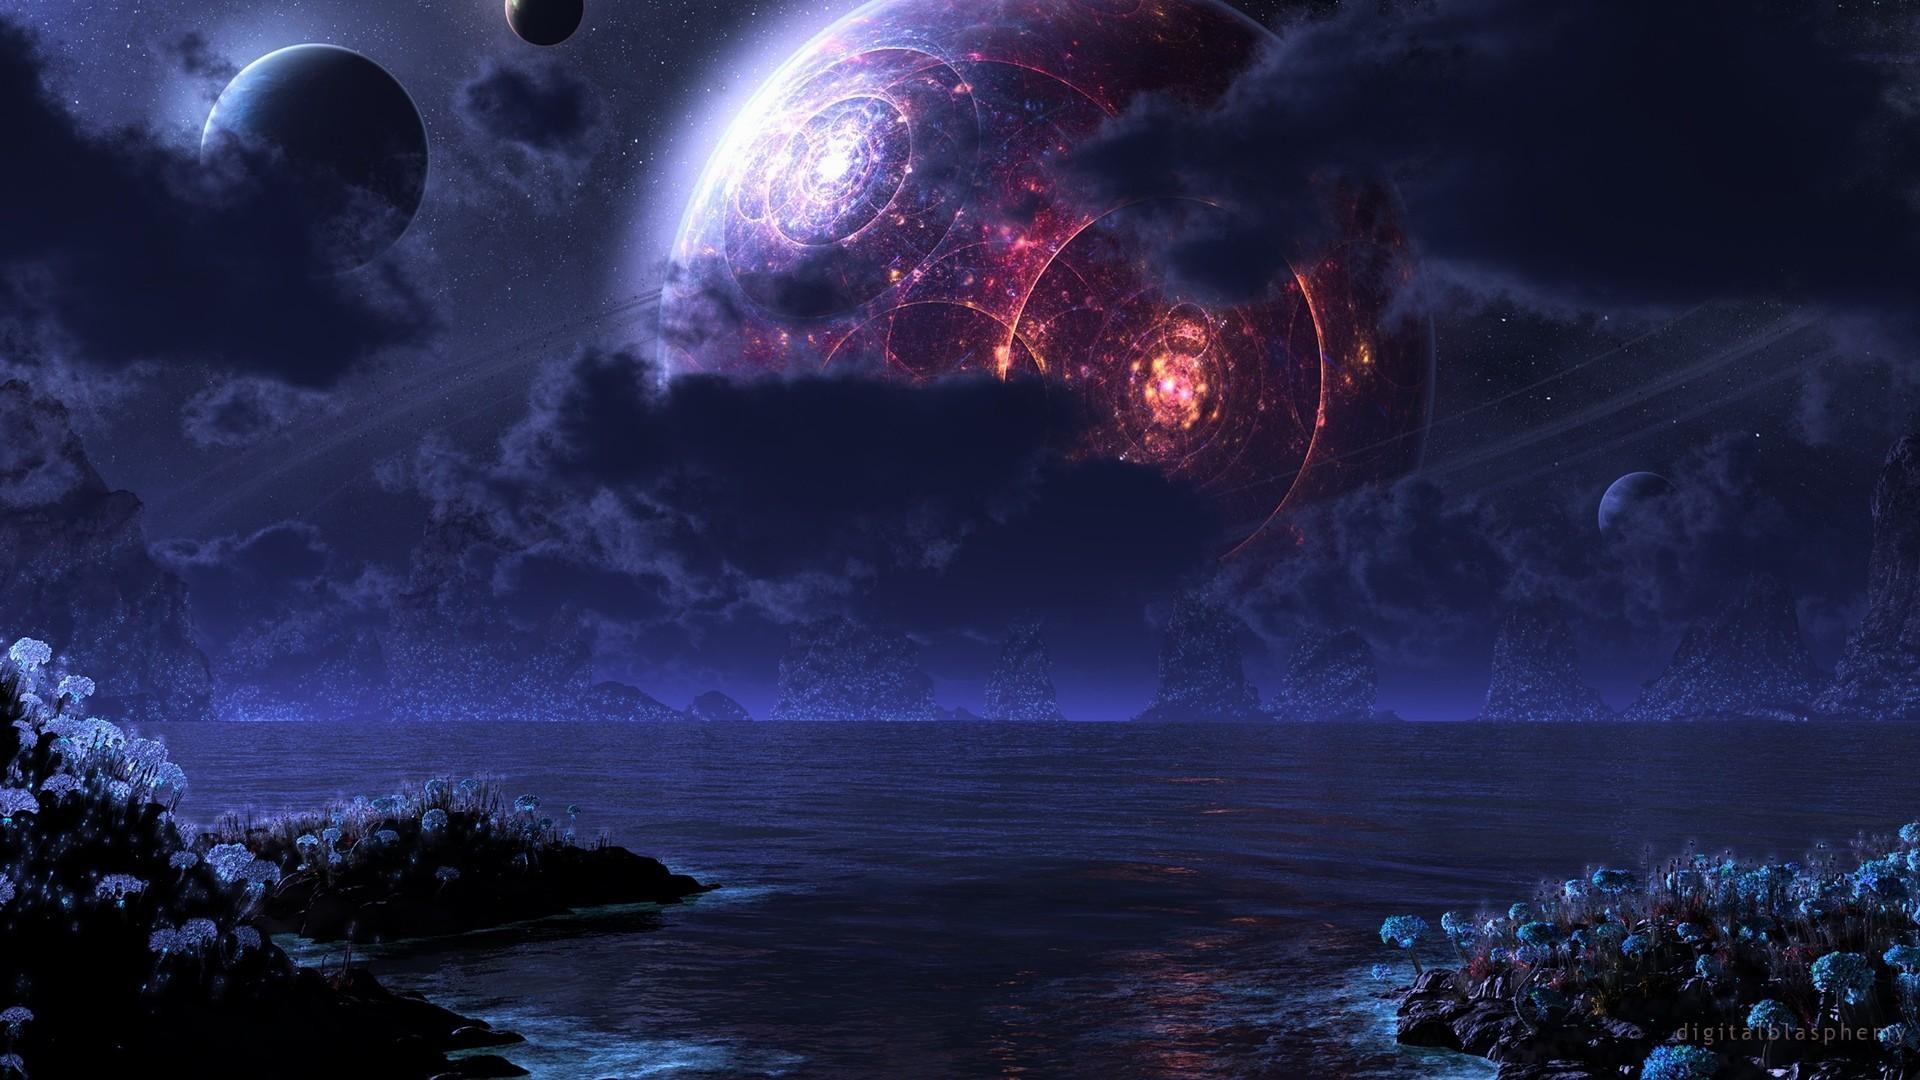 Alien-Civilization-Planet-Landscape-Hi-Res-Alien-Landscape-Hd-Free-Do- wallpaper-wp2002139